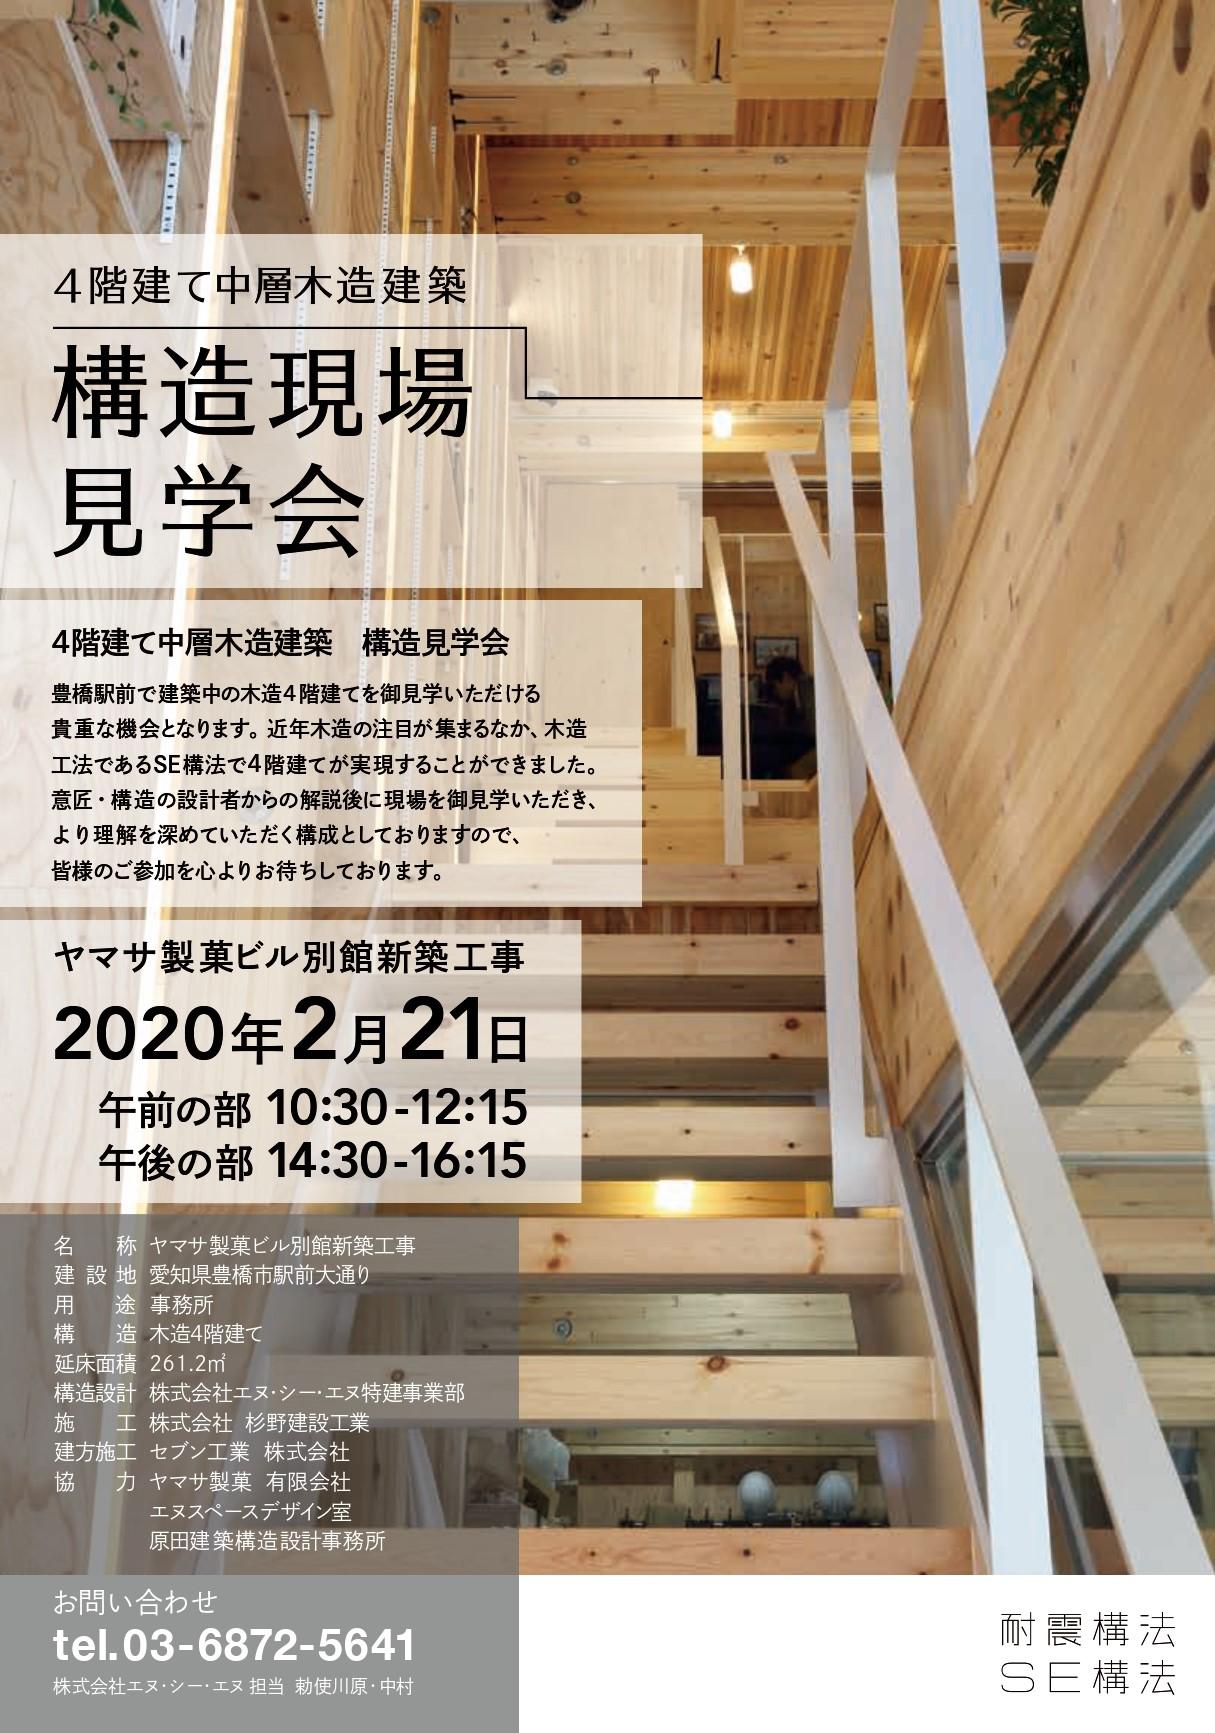 4階建て 中高層木造 SE構法